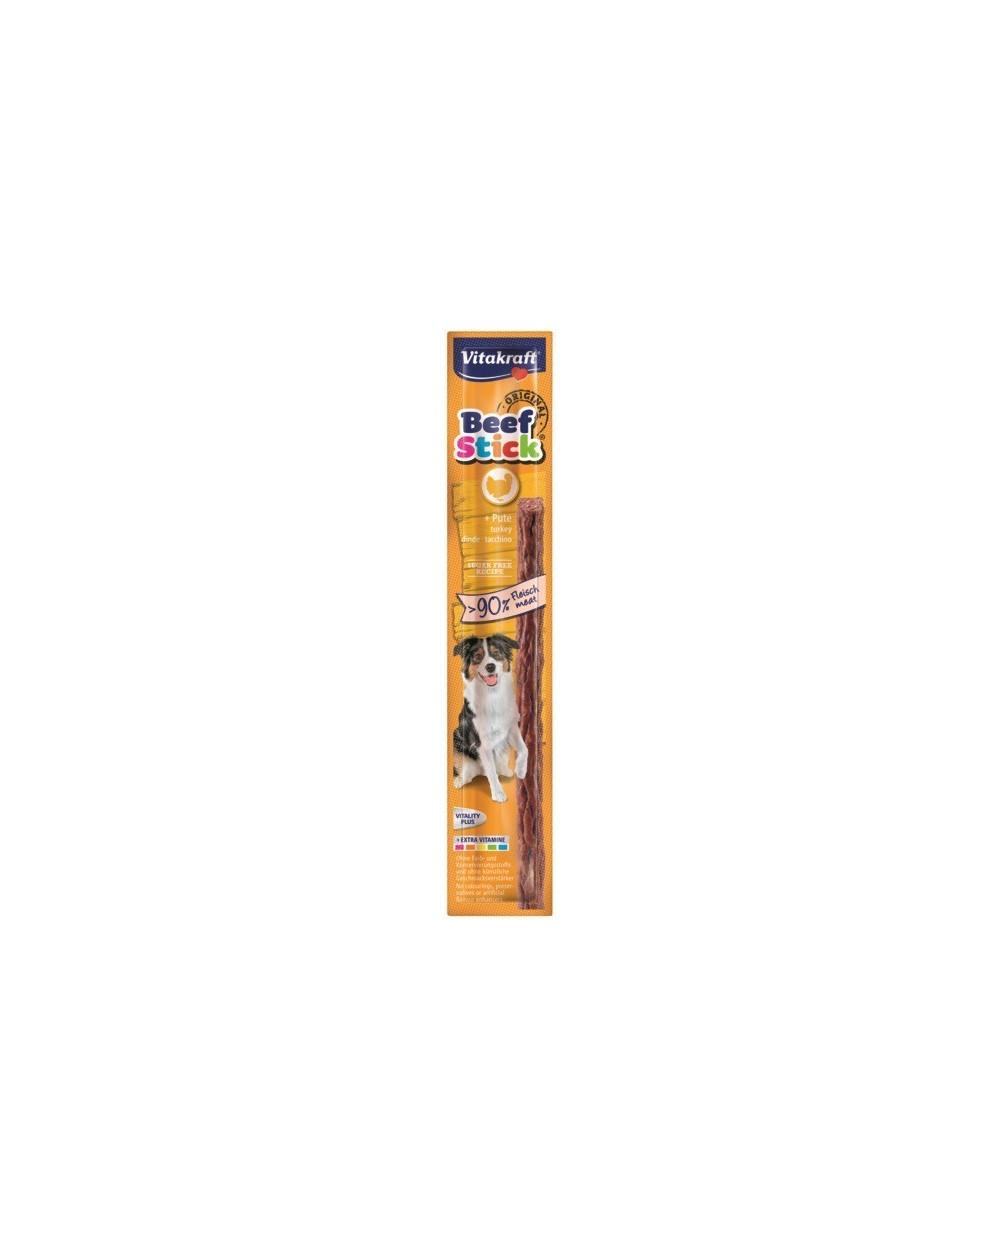 Vitakraft Beef Stick - Tacchino